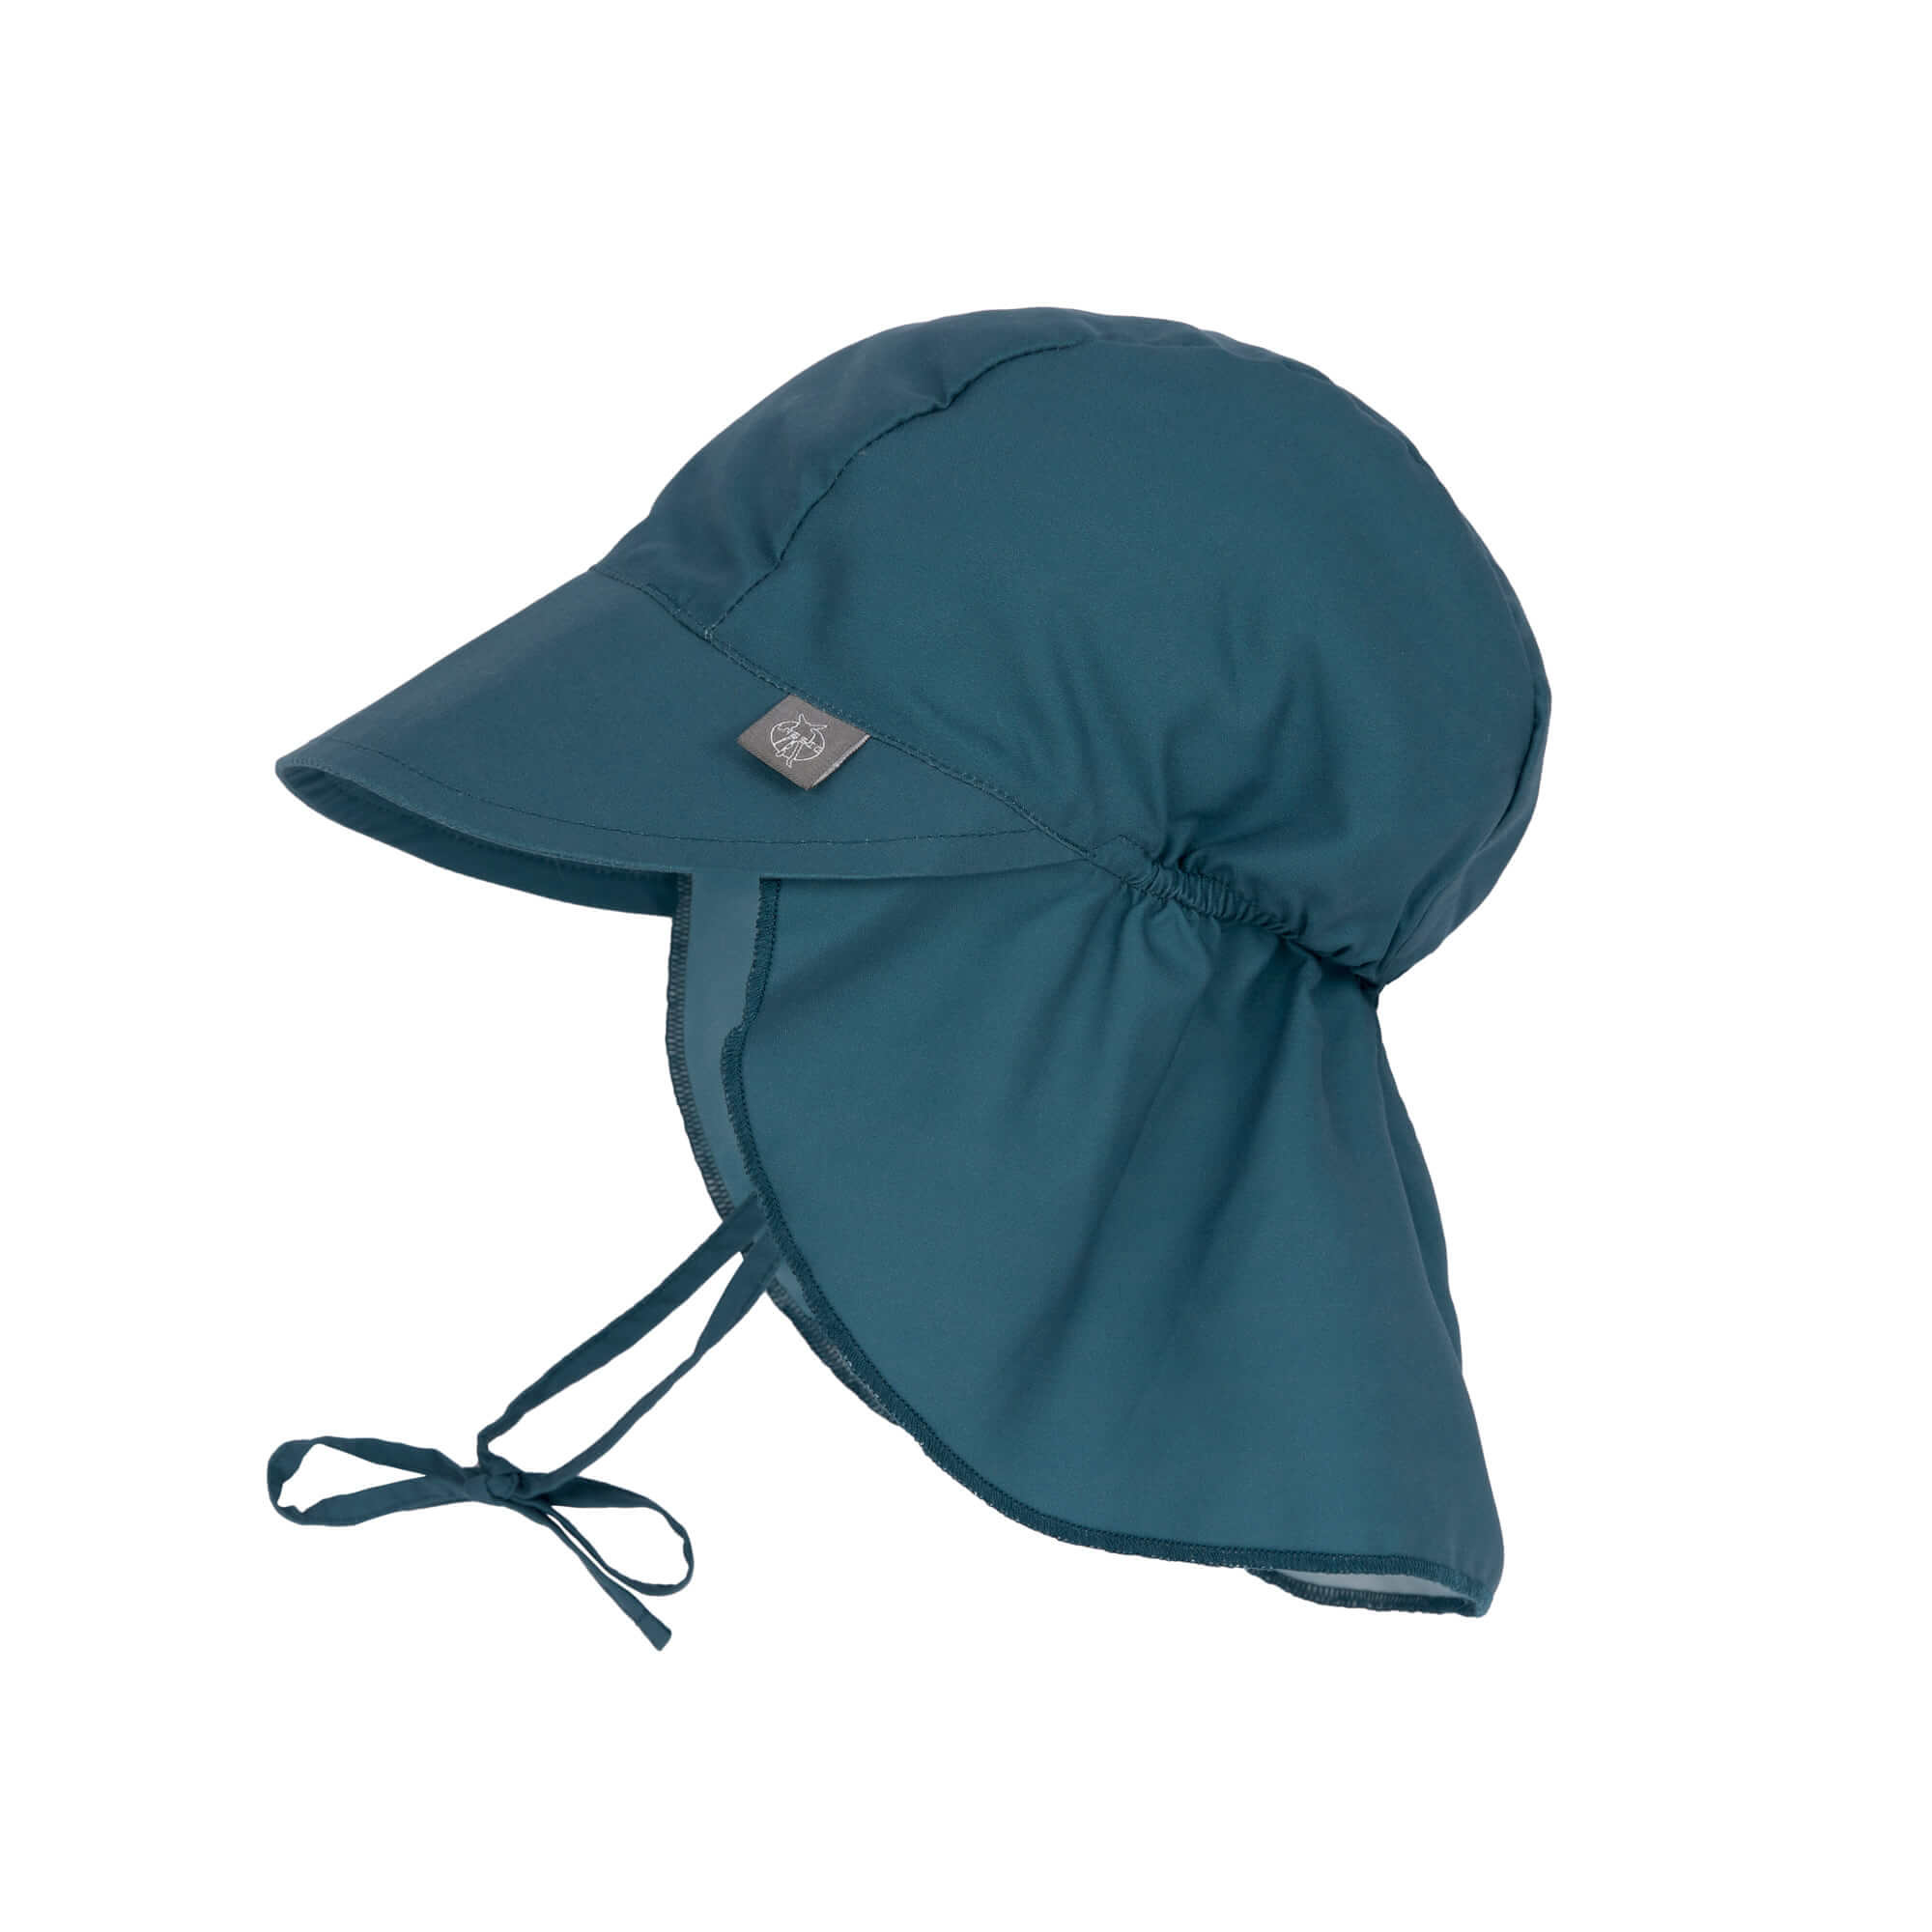 Lässig Splash & Fun Sun Protection Zonnehoed Flaphoed met UV bescherming - Navy (SS21) 19-36 maanden